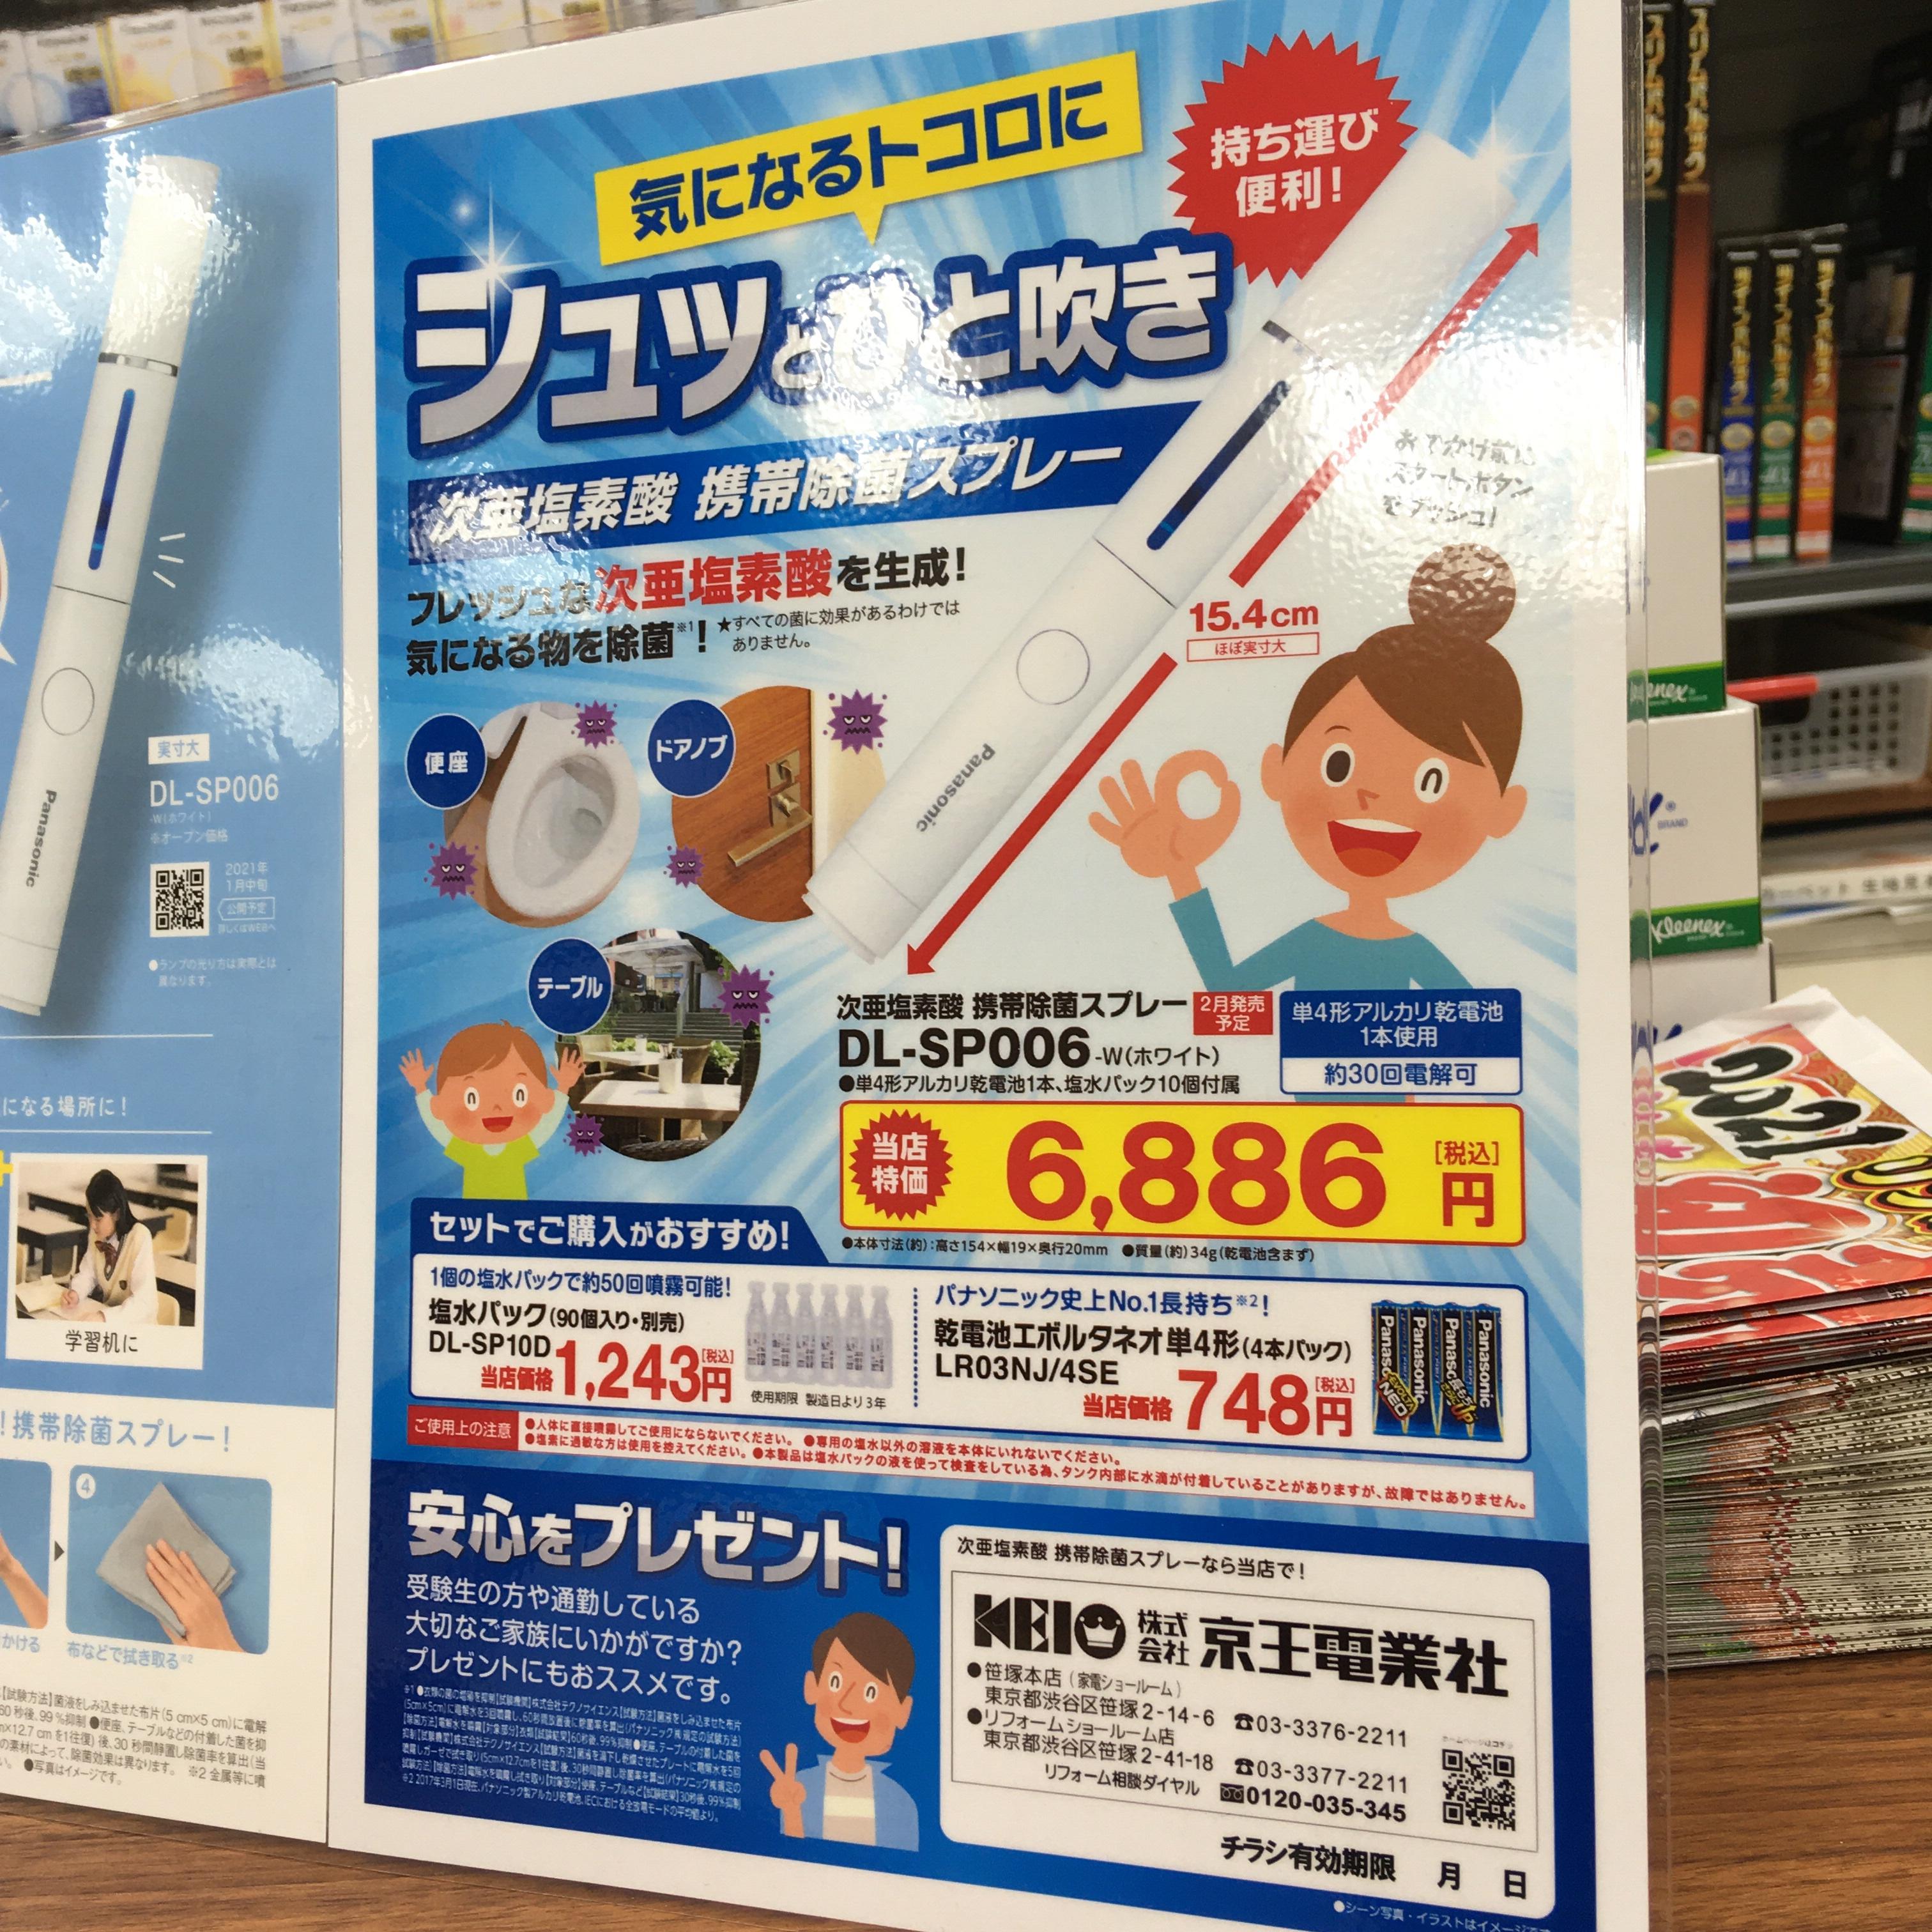 次亜塩素酸携帯除菌スプレー販売のお知らせ